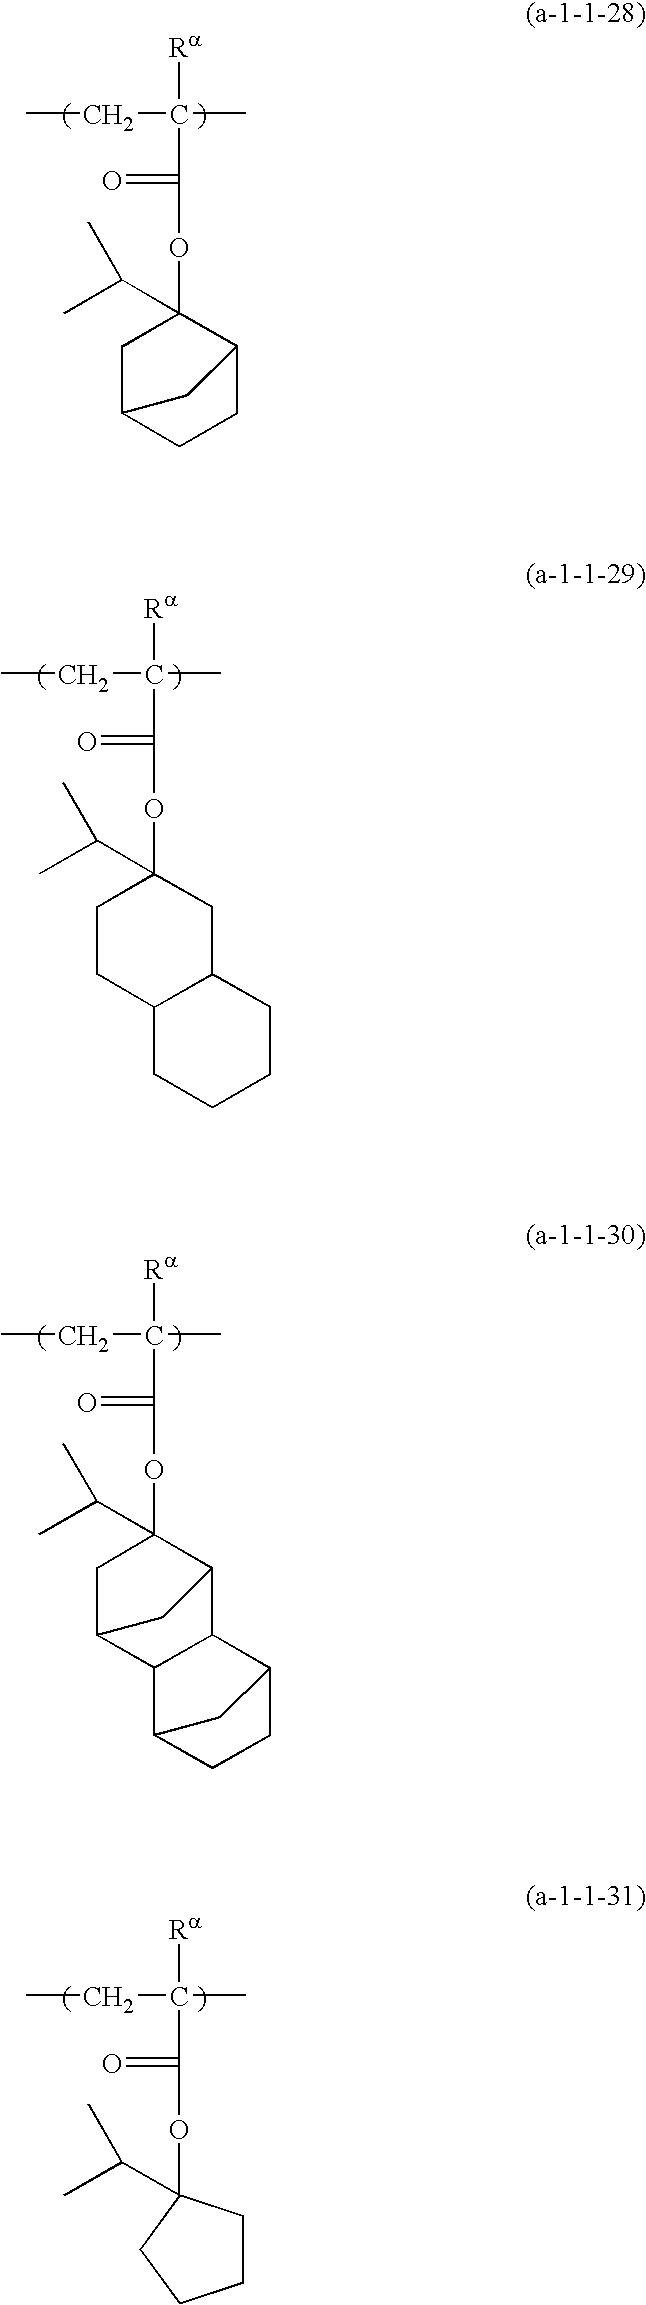 Figure US20100136480A1-20100603-C00026